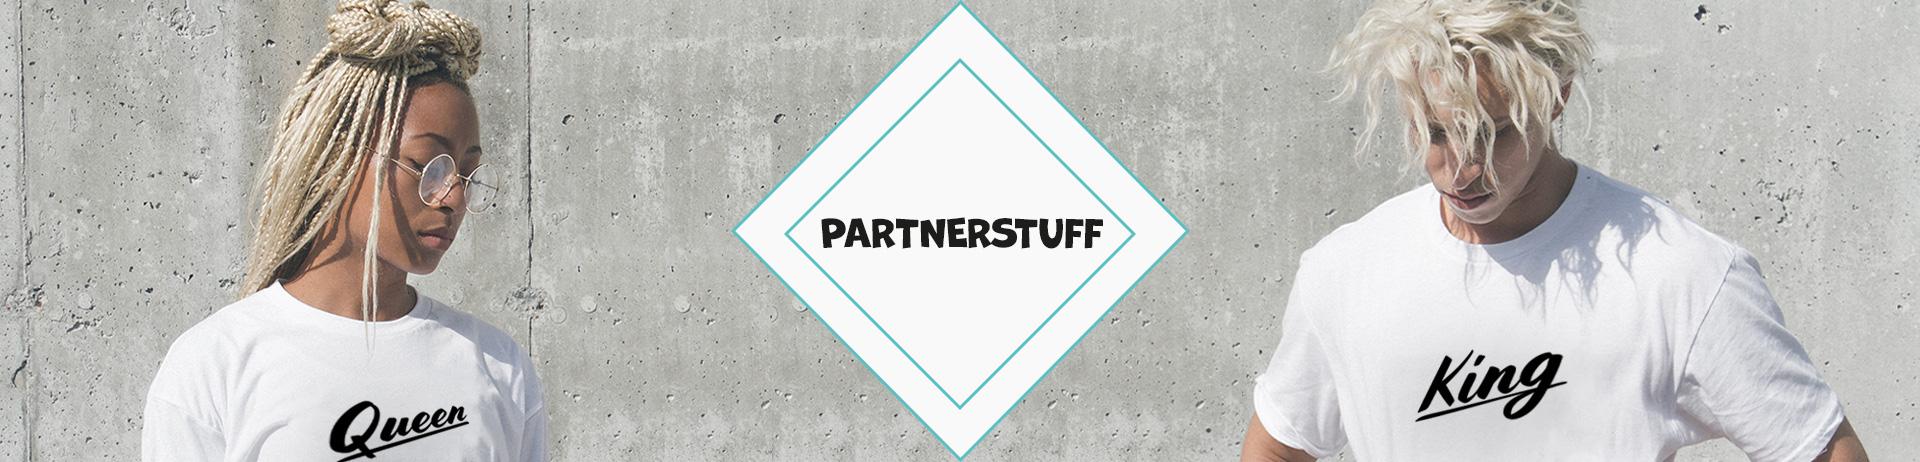 Pärchen Hoodie - Partnerstuff Hoodies | Funshirt38